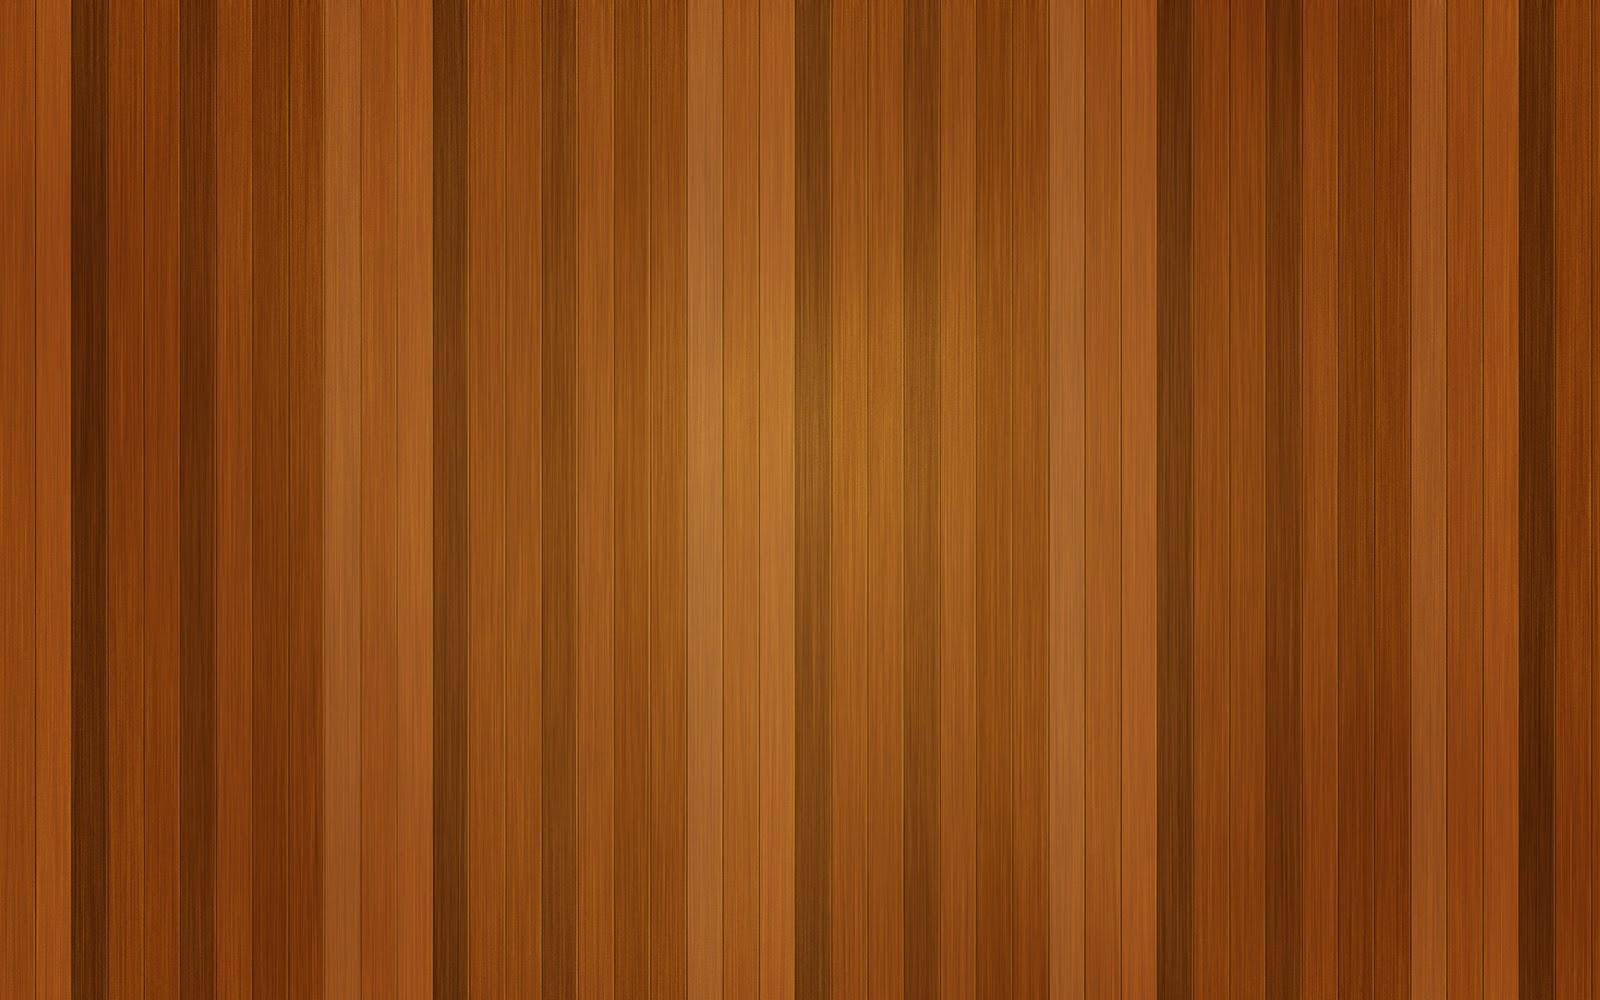 http://2.bp.blogspot.com/-DRJrjgAkG98/TZiGGuNQ3hI/AAAAAAAAGSU/IQW7q0s5MD0/s1600/Houten-achtergronden-houten-wallpapers-hd-hout-wallpaper-afbeelding-2.jpg